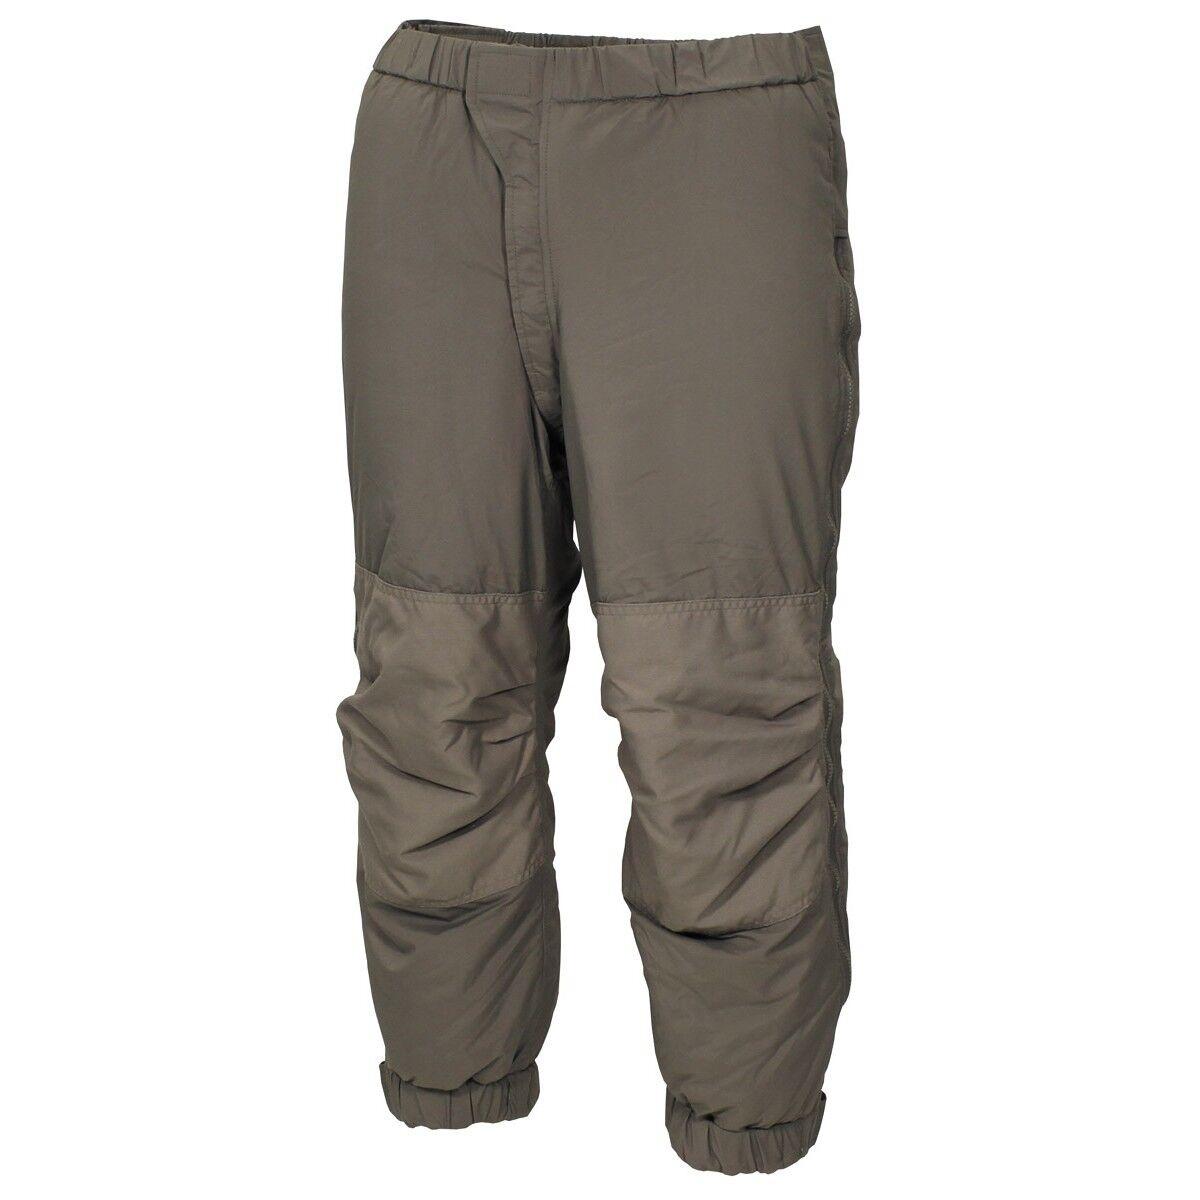 US ARMY Gen III ECWCS Level 7 Outdoor Kälteschutzhose Winter Hose pants LR  | Qualität und Verbraucher an erster Stelle